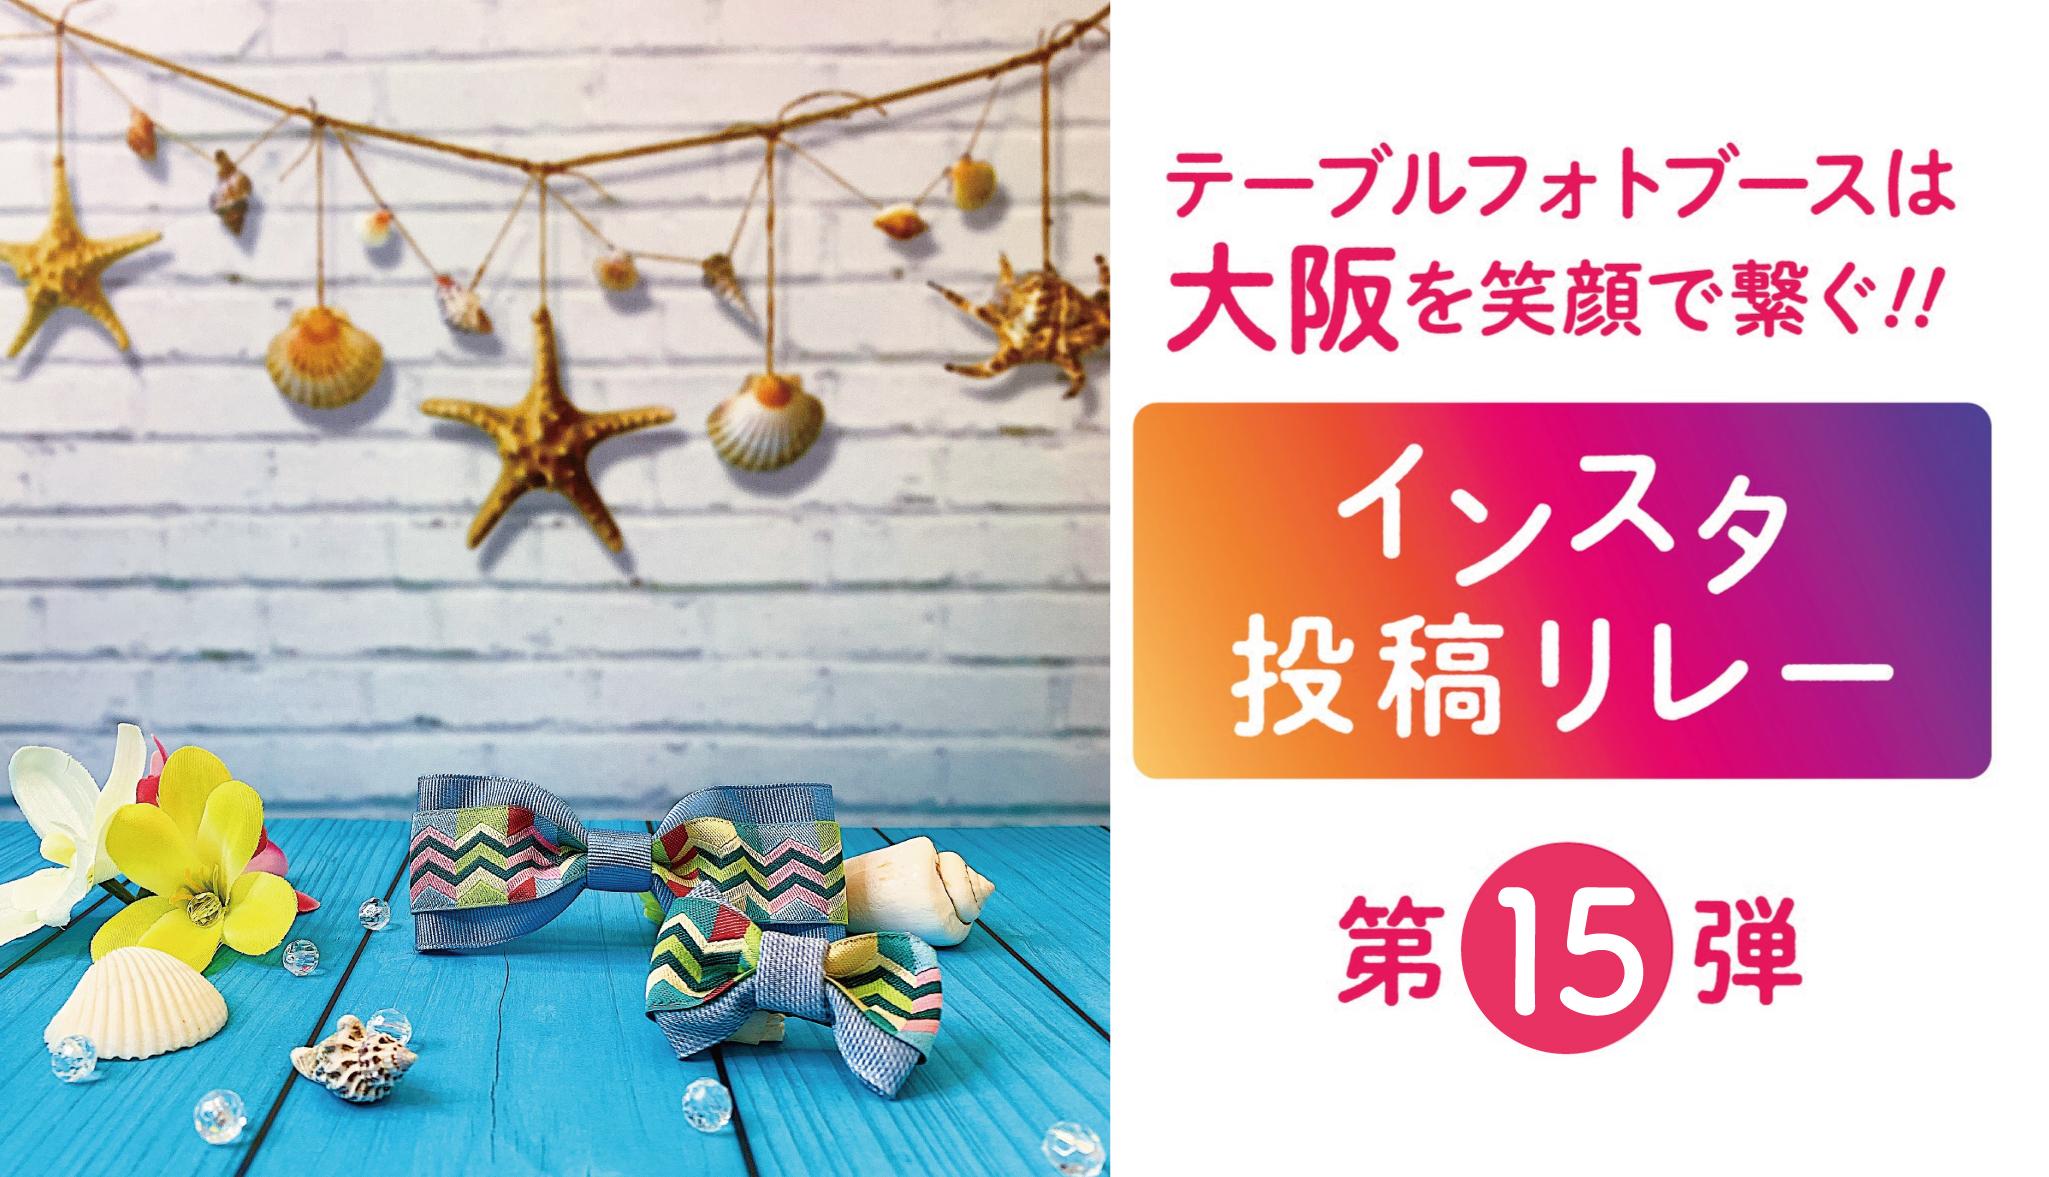 『テーブルフォトブースで大阪を笑顔で繋ぐ!!インスタ投稿リレー』第15弾!!